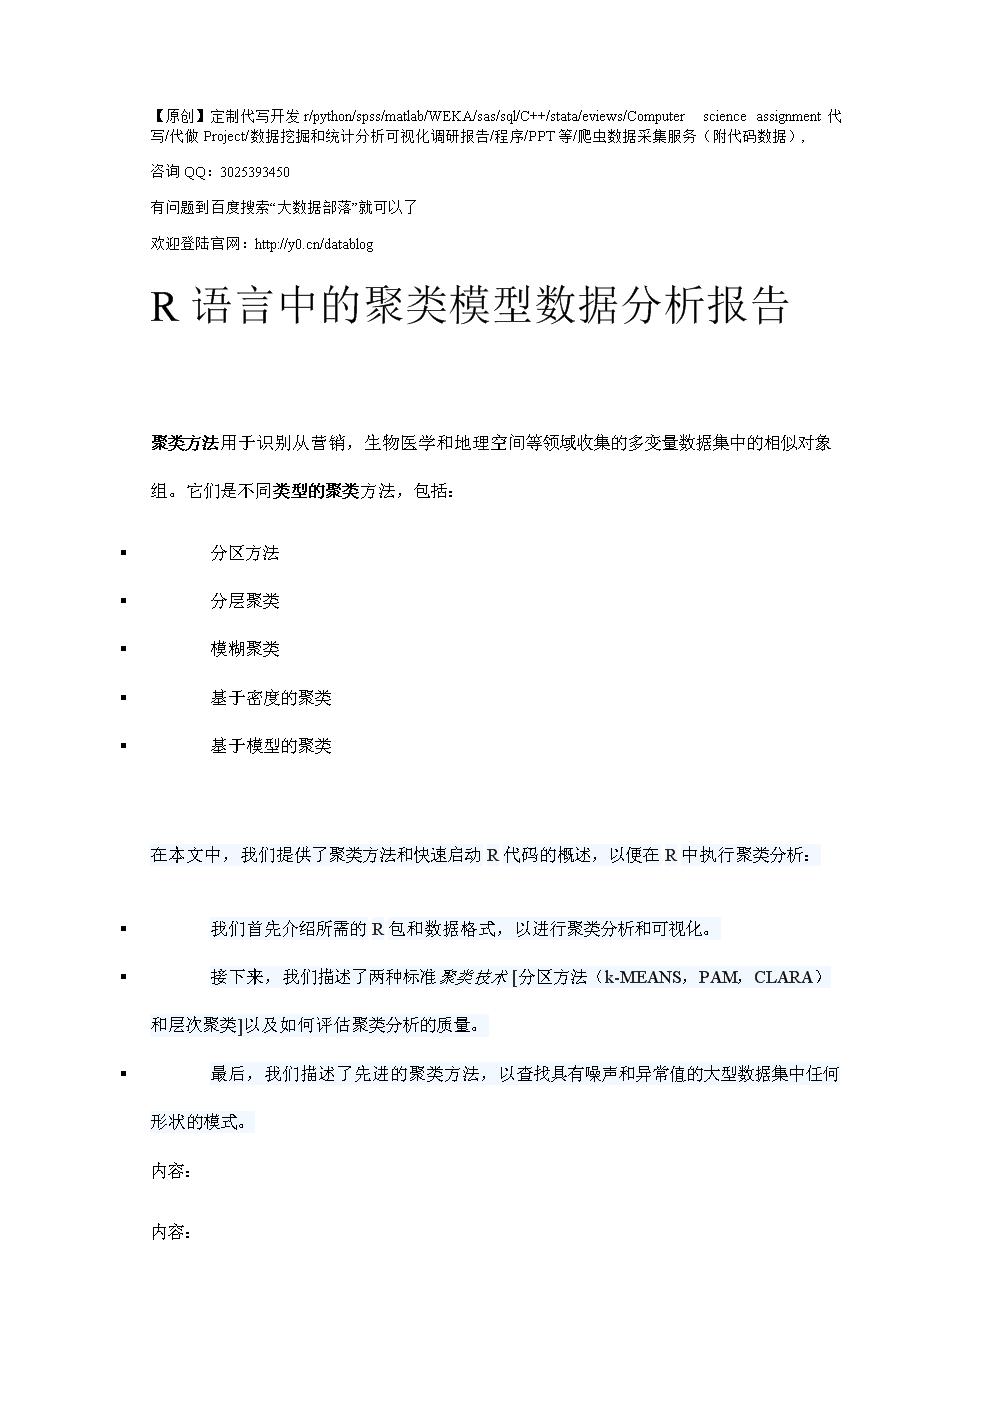 【原創】R語言中的聚類模型數據分析報告論文(附代碼數據).docx